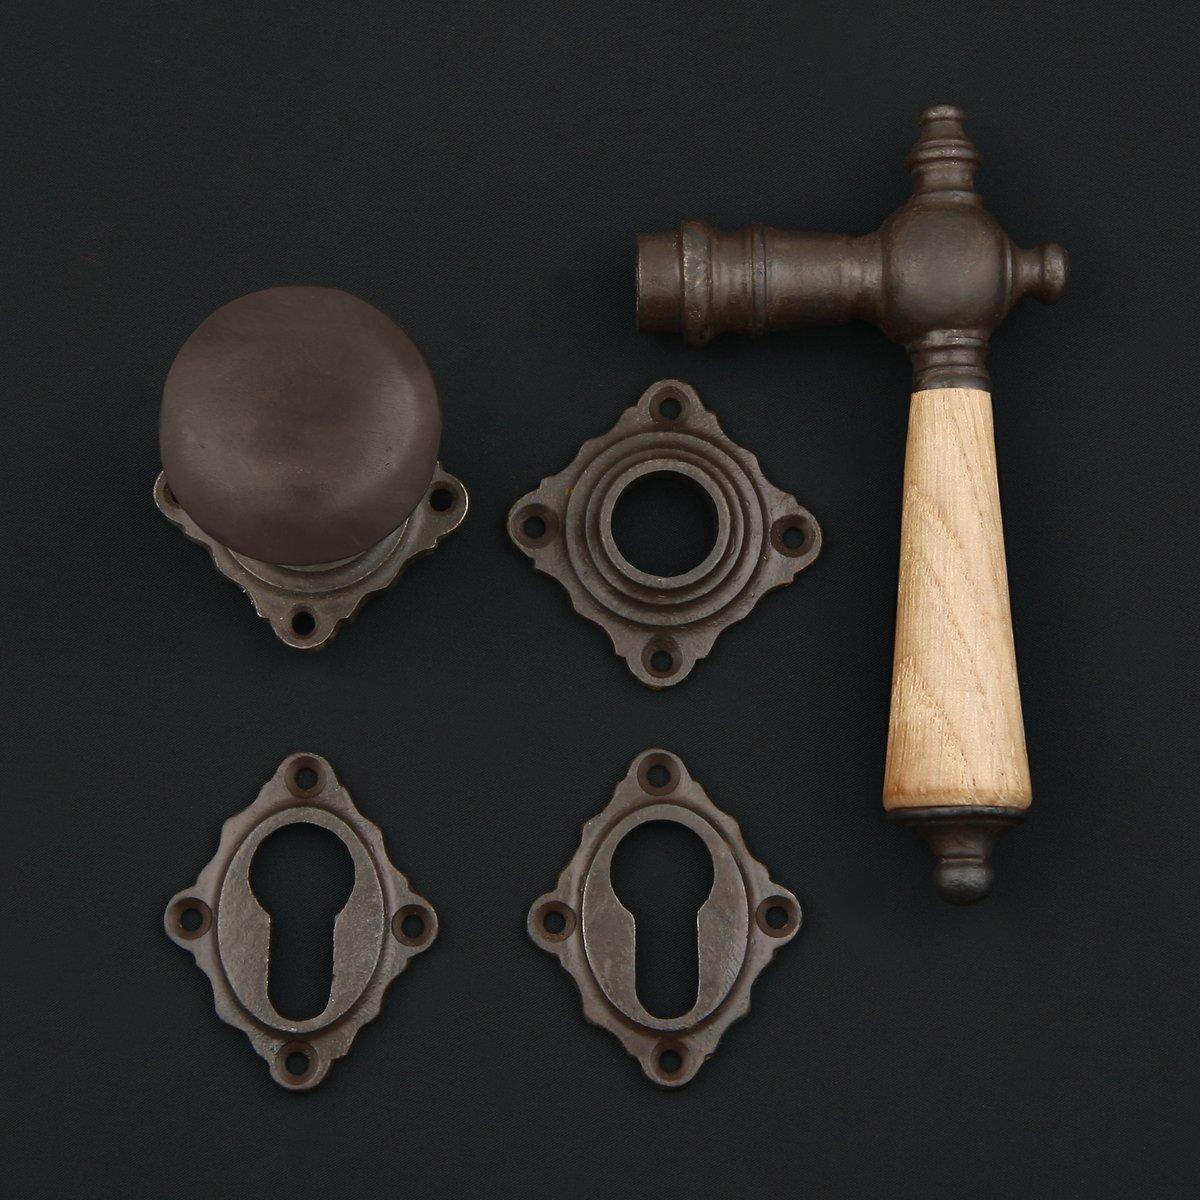 Eingangstür Rosettengarnitur - antike Türdrücker, Türklinken, Türbeschläge